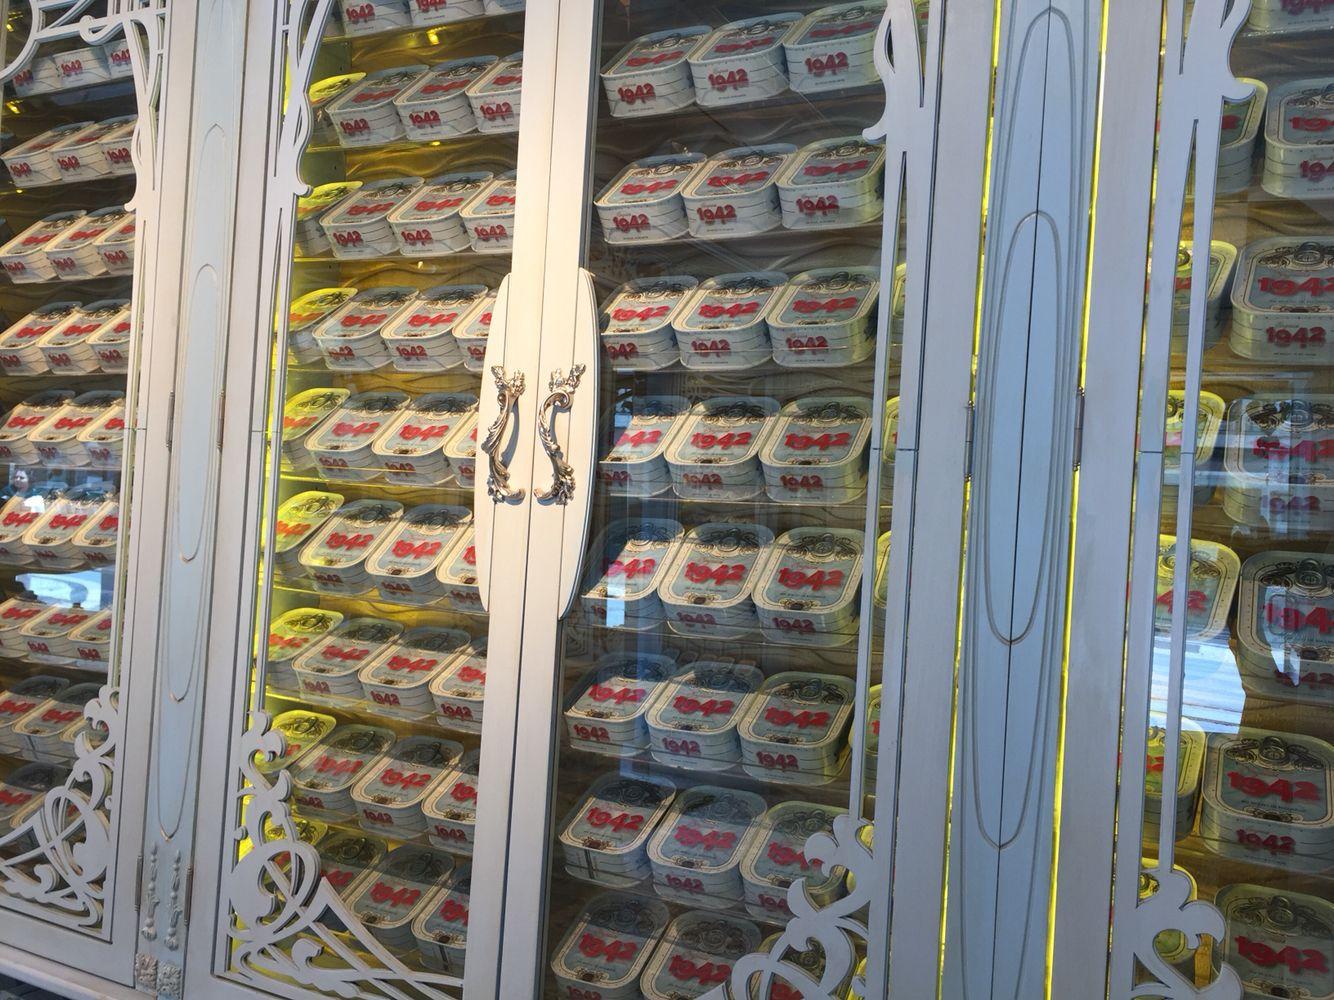 Lisbon pilchard shop